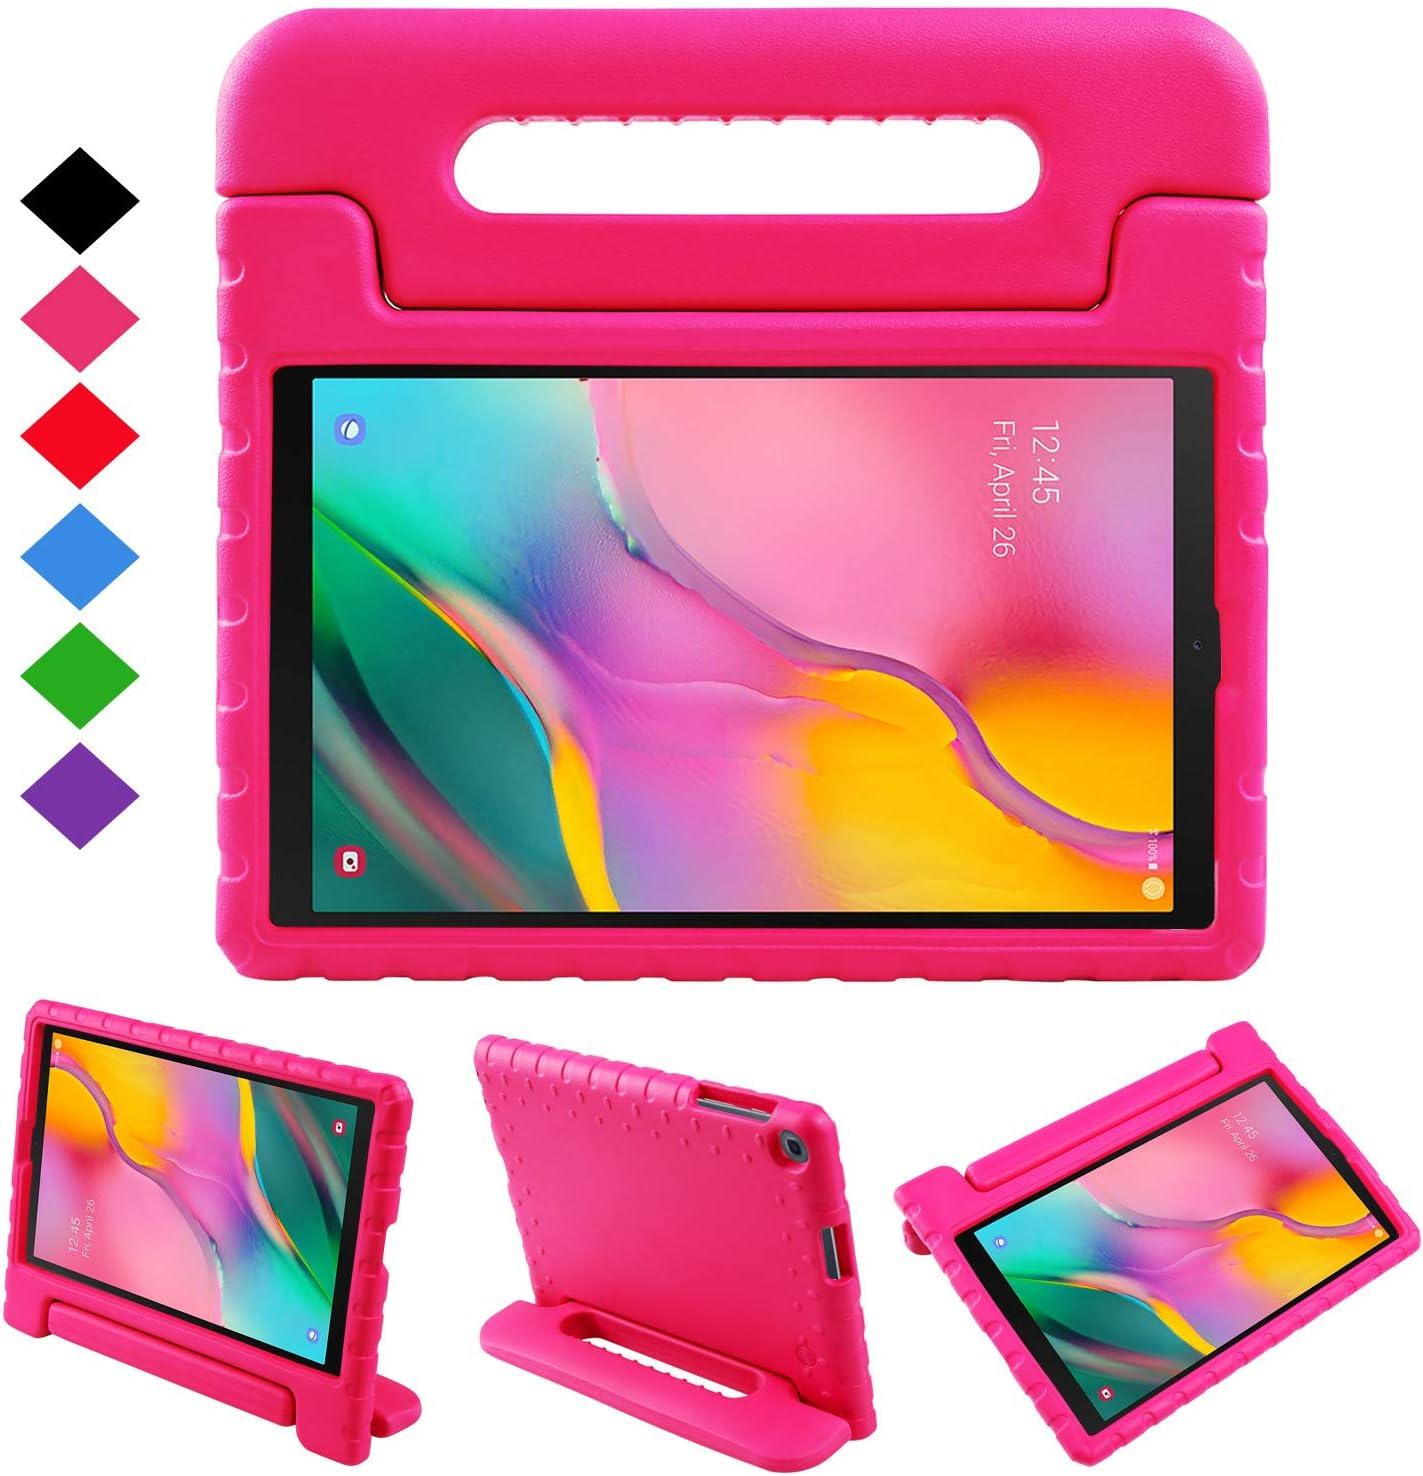 NEWSTYLE Funda para Samsung Galaxy Tab A 10.1 2019,Ligero y Super Protective Funda diseñar Especialmente para los niños para Galaxy Tab A 10.1 2019 SM-T510/ T515 (Rosa): Amazon.es: Electrónica